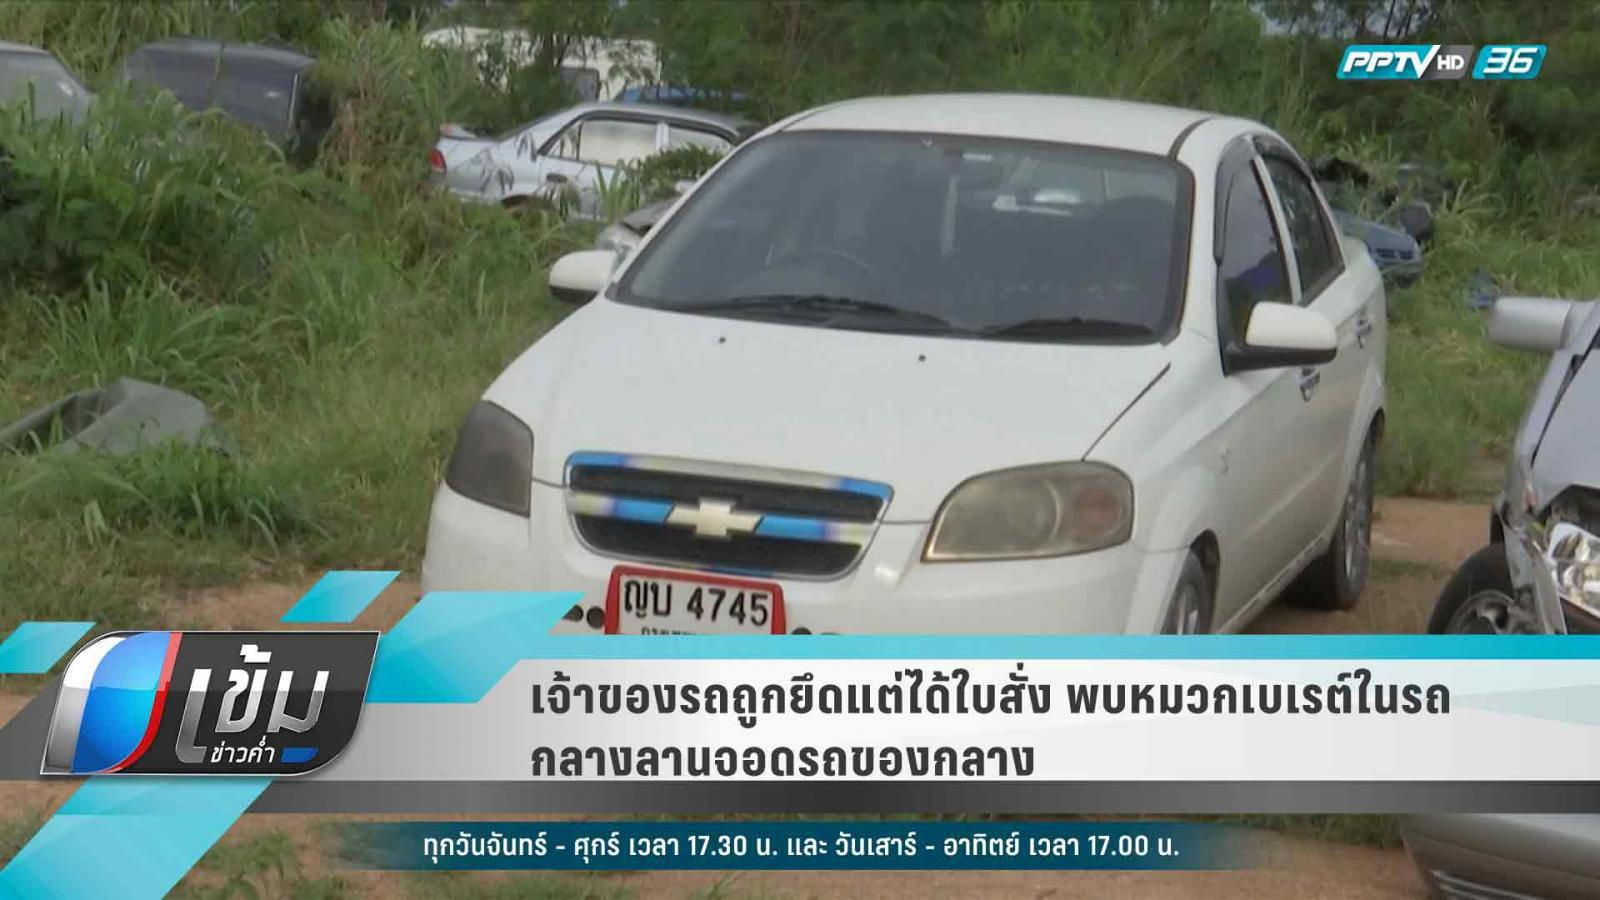 เจ้าของรถถูกยึดแต่ได้ใบสั่ง พบหมวกเบเรต์ในรถ กลางลานจอดรถของกลาง